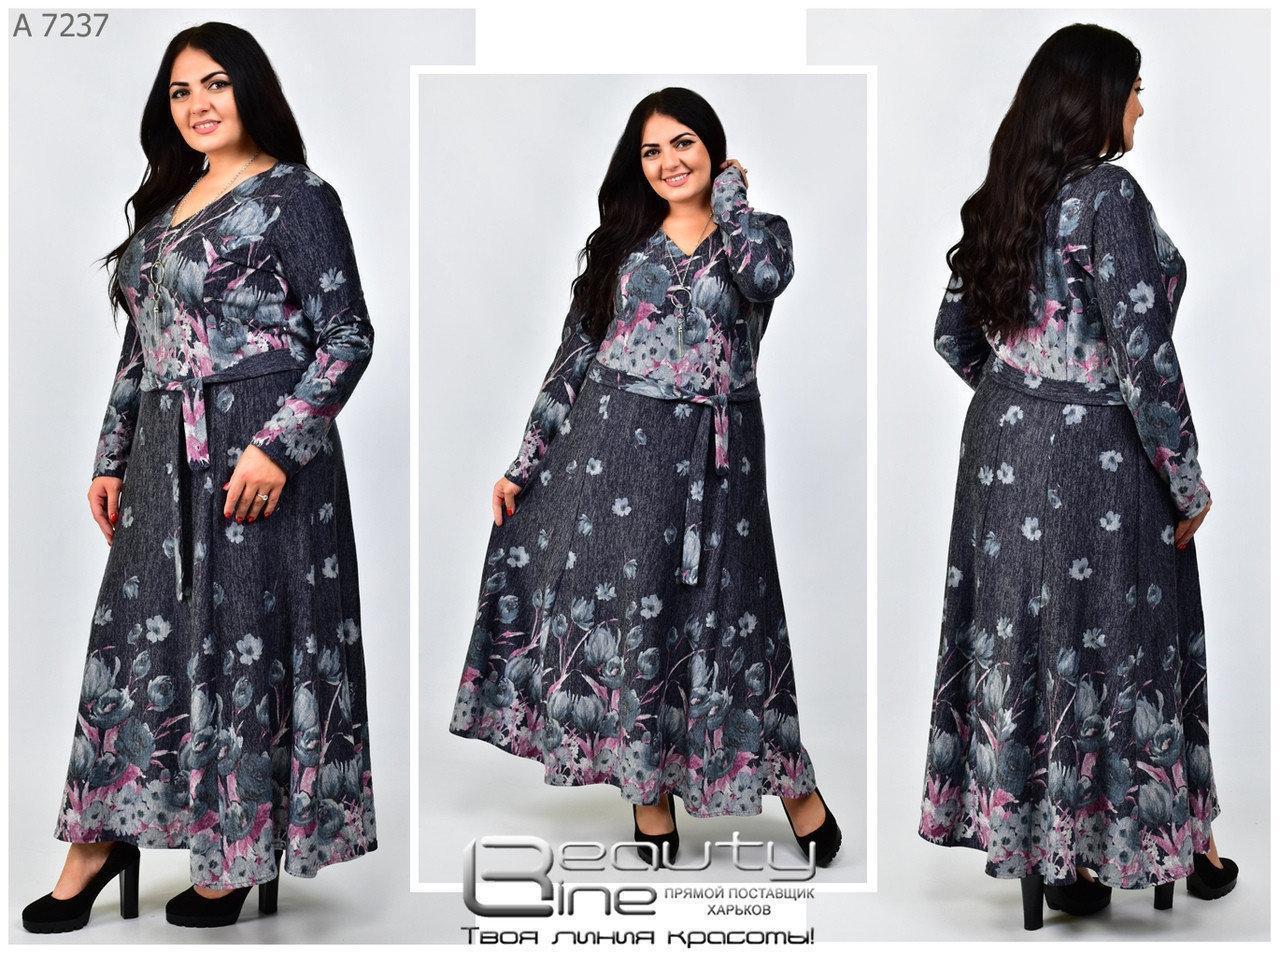 Нарядное женское платье для полных женщин Размеры 50.52.54.56.58.60.62.64